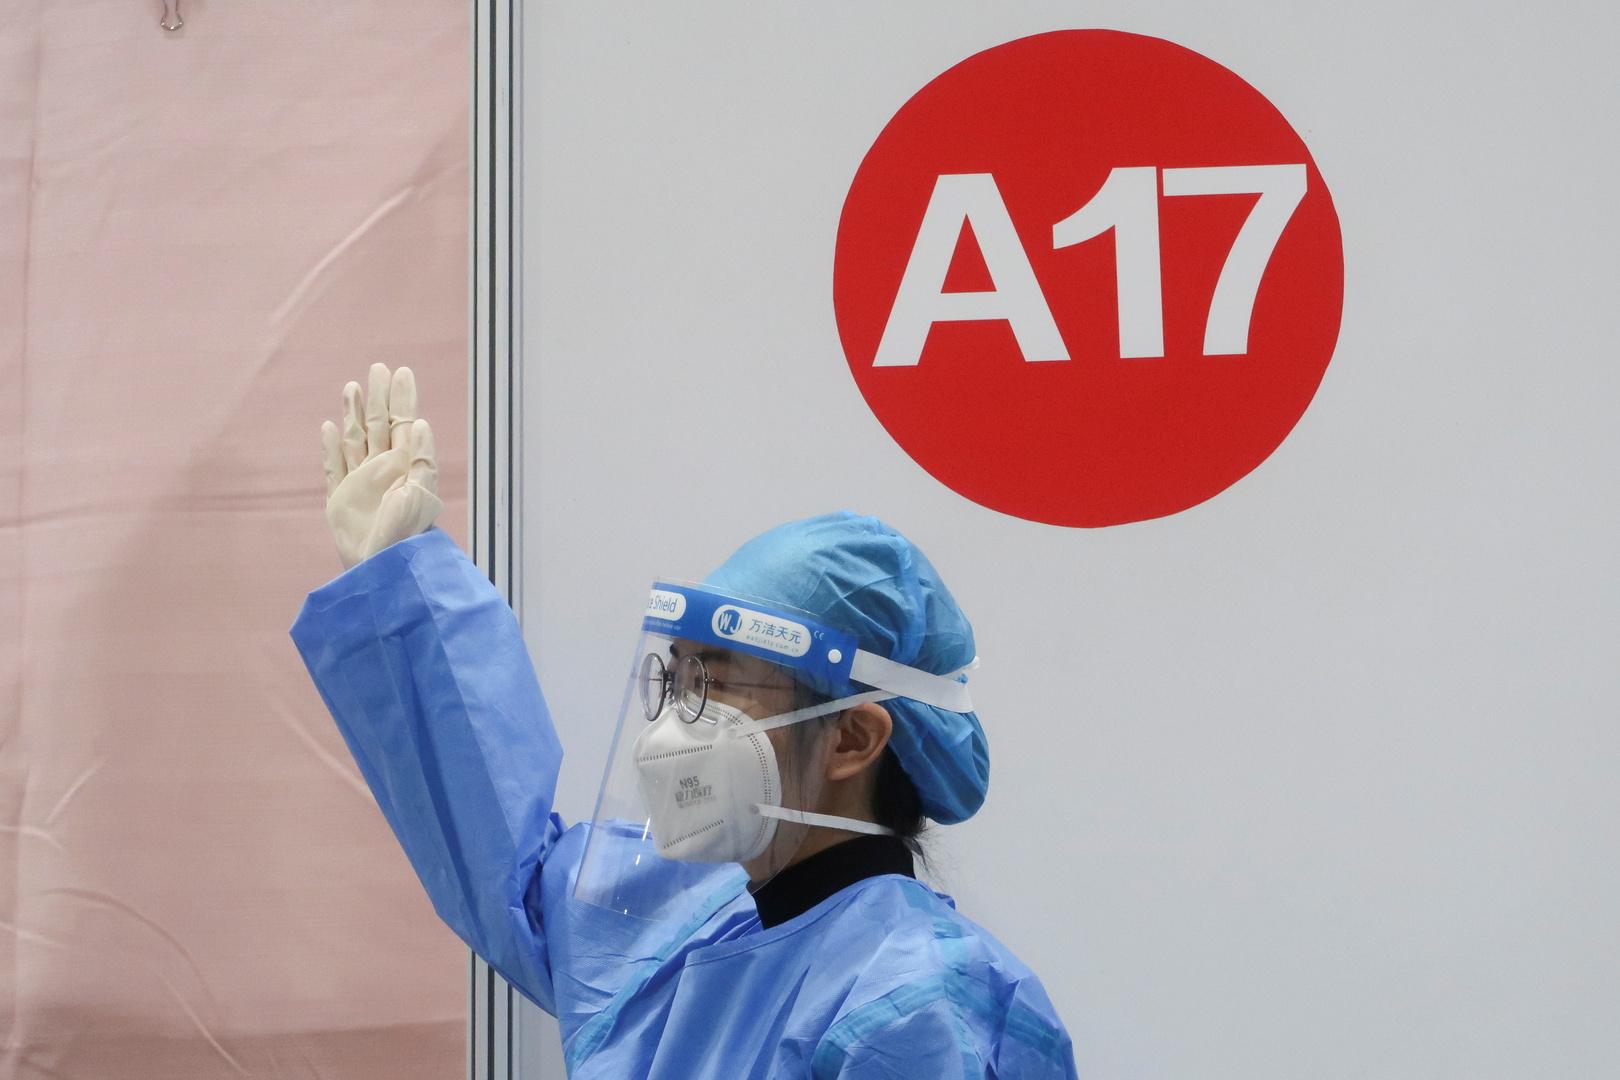 الصين تسجل مضاعفة في الحصيلة اليومية لإصابات كورونا